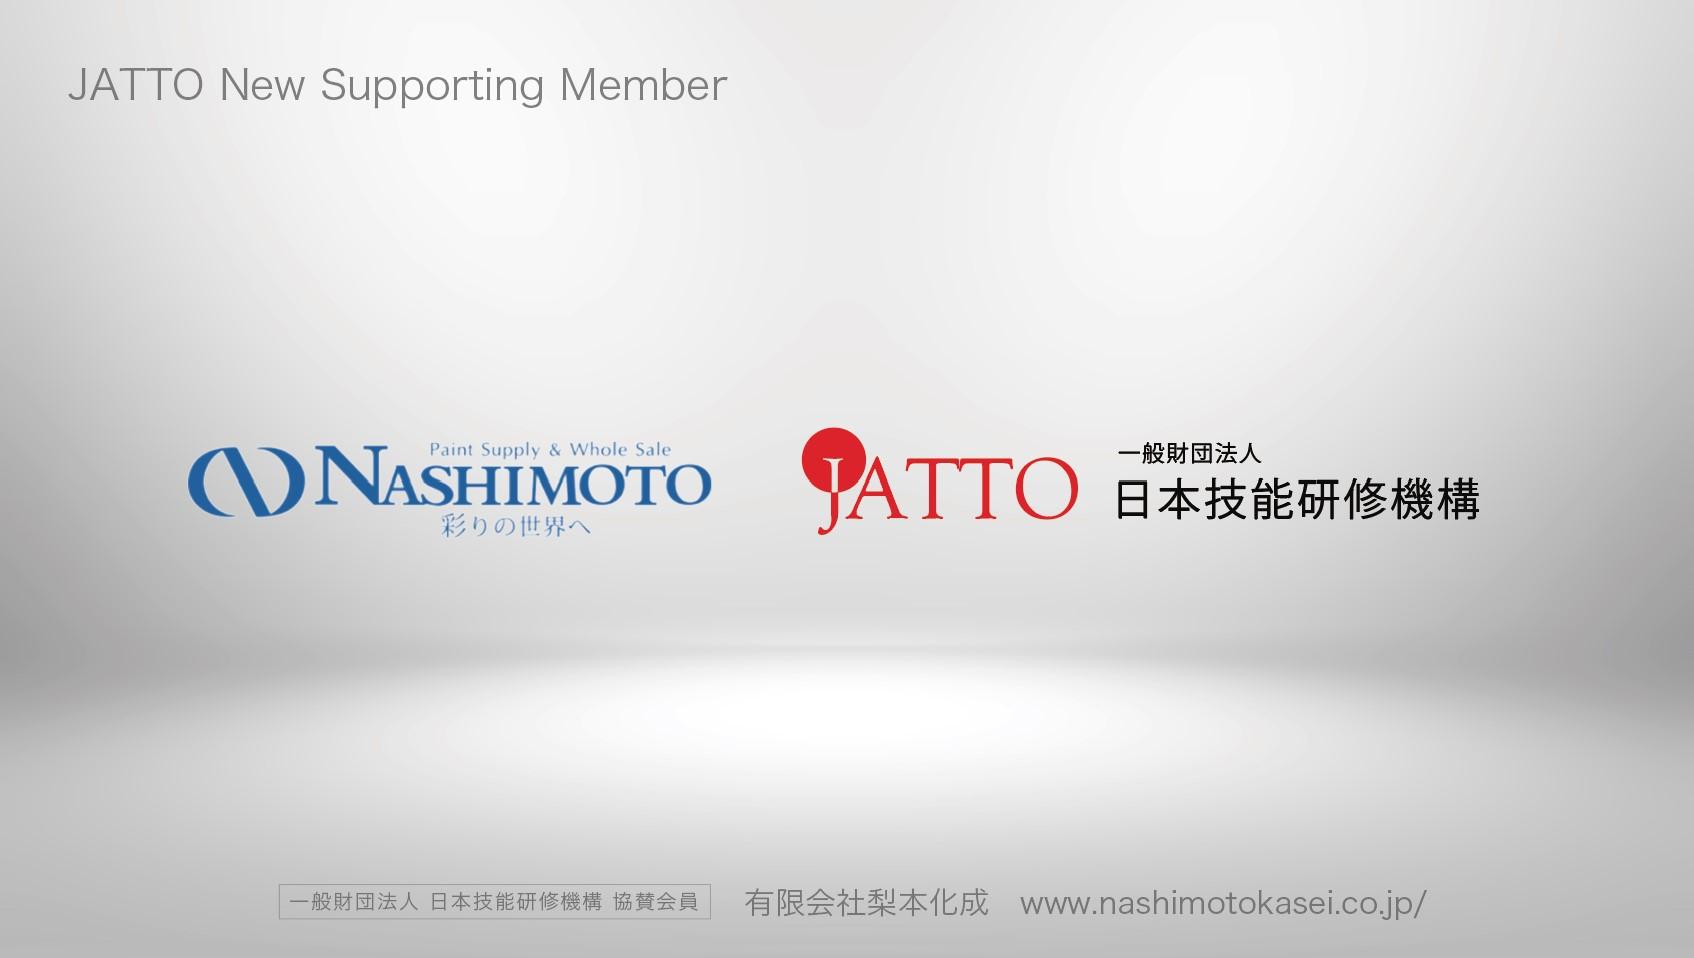 一般財団法人日本技能研修機構(JATTO)の協賛会員に梨本化成の加入が決定。 画像